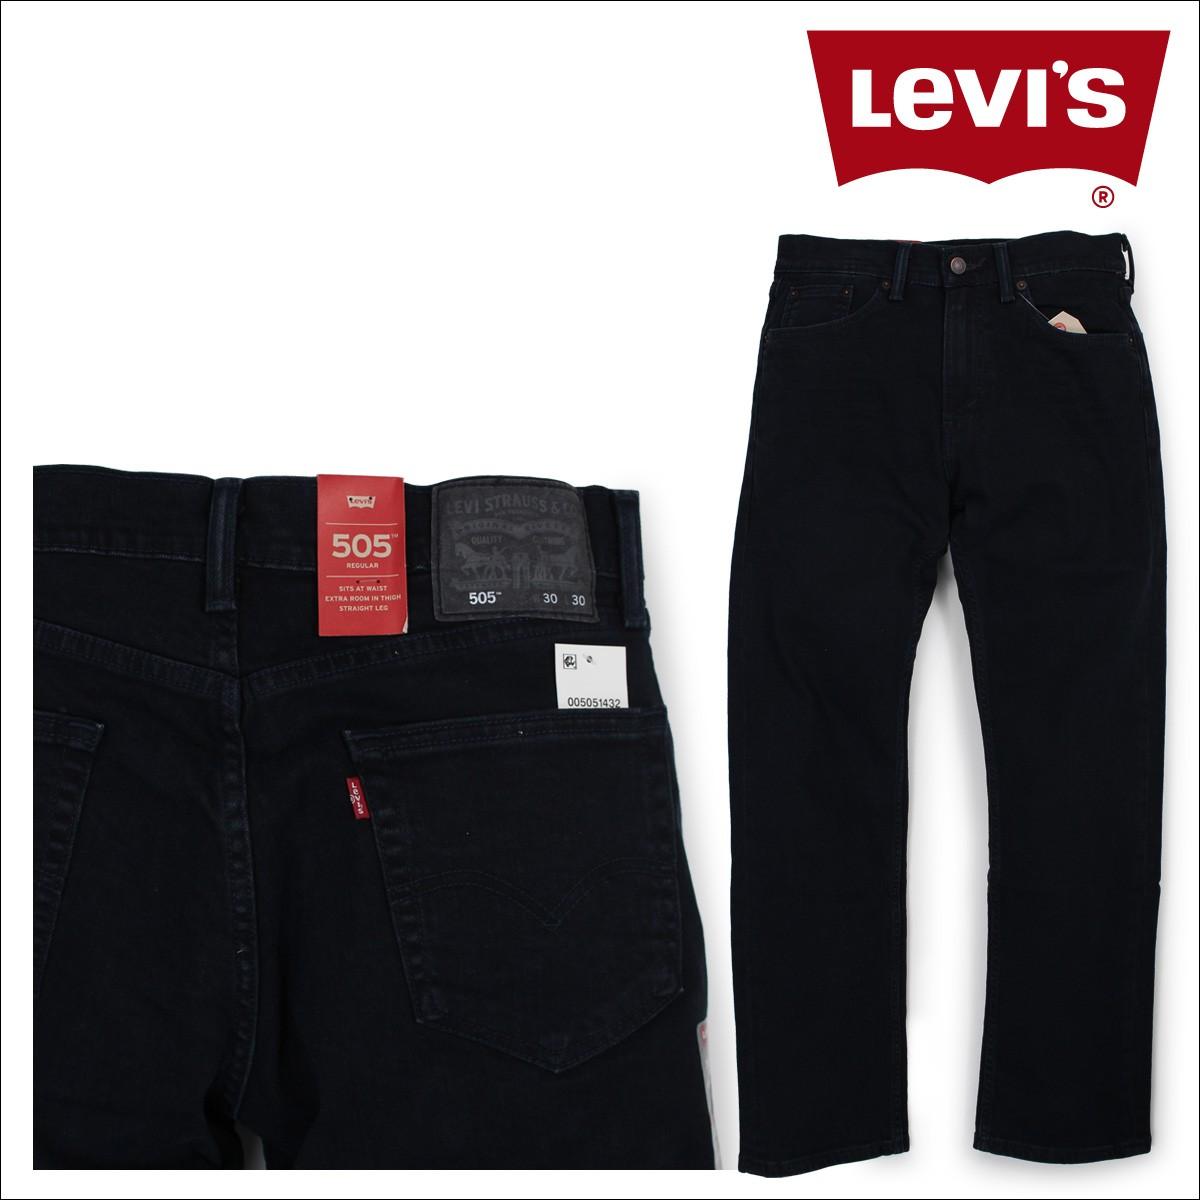 リーバイス 505 LEVI'S ストレート メンズ ストレッチ デニム パンツ REGULAR FIT STRAIGHT